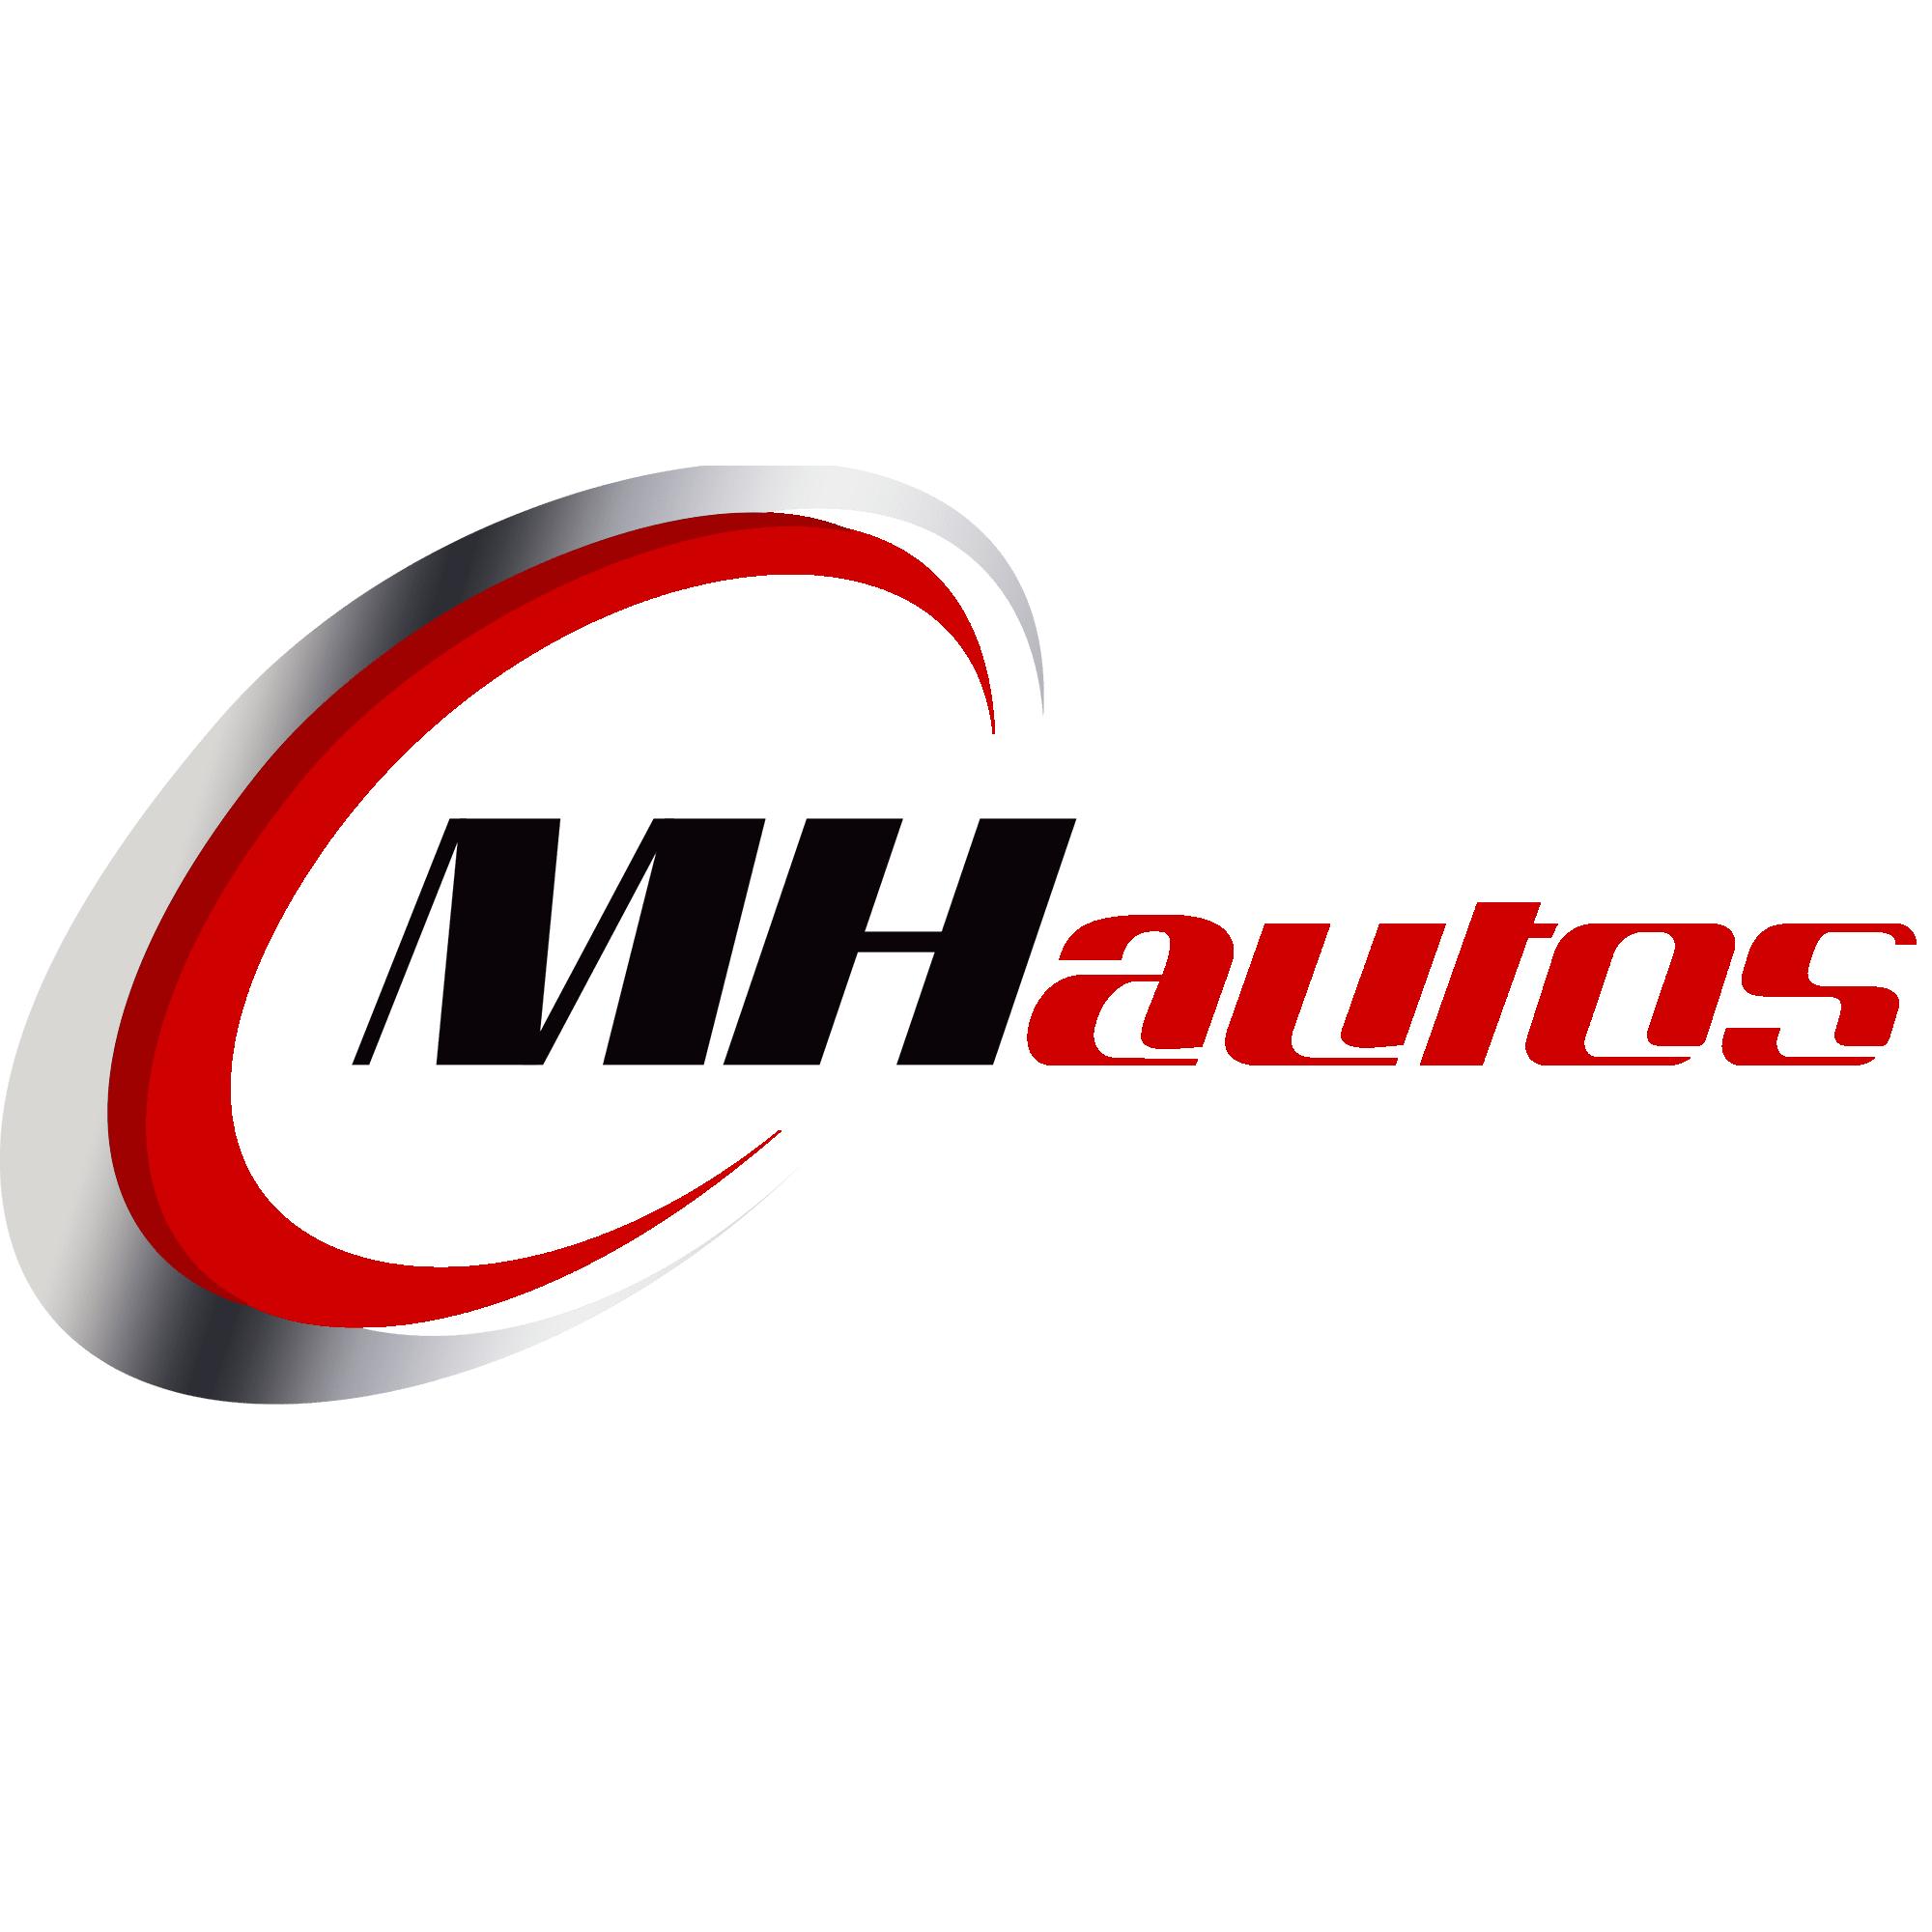 M H Autos - Peterborough, Cambridgeshire PE1 5YW - 01733 262625 | ShowMeLocal.com